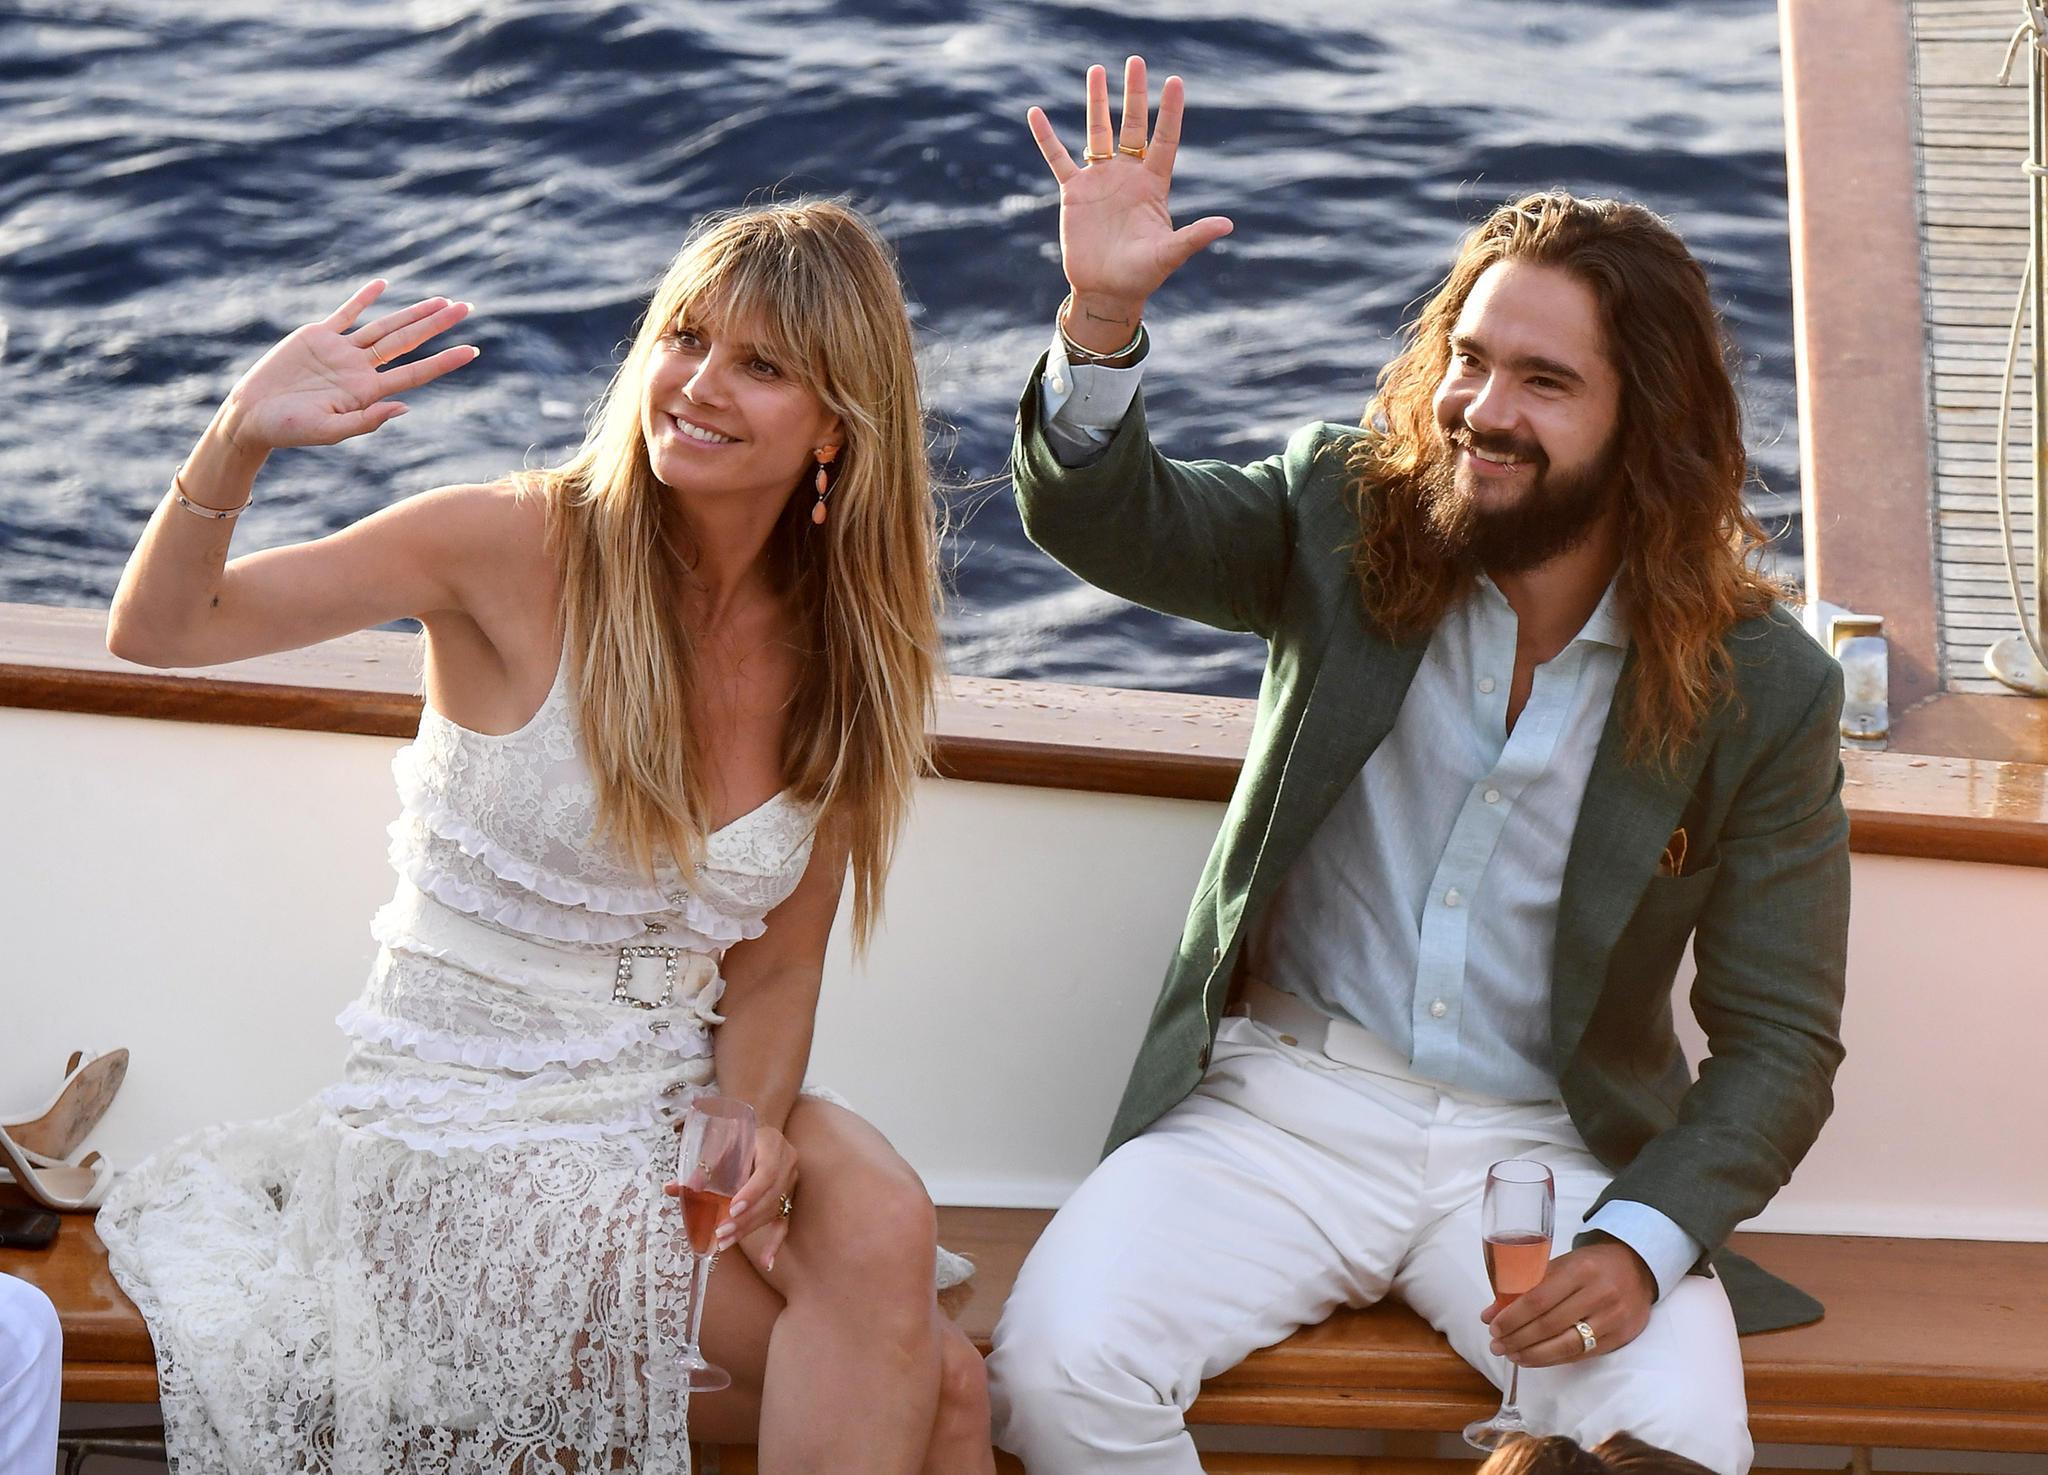 Heidi Klum: Nippelblitzer provoziert die Fans - übertreibt sie es mit der Freizügigkeit?